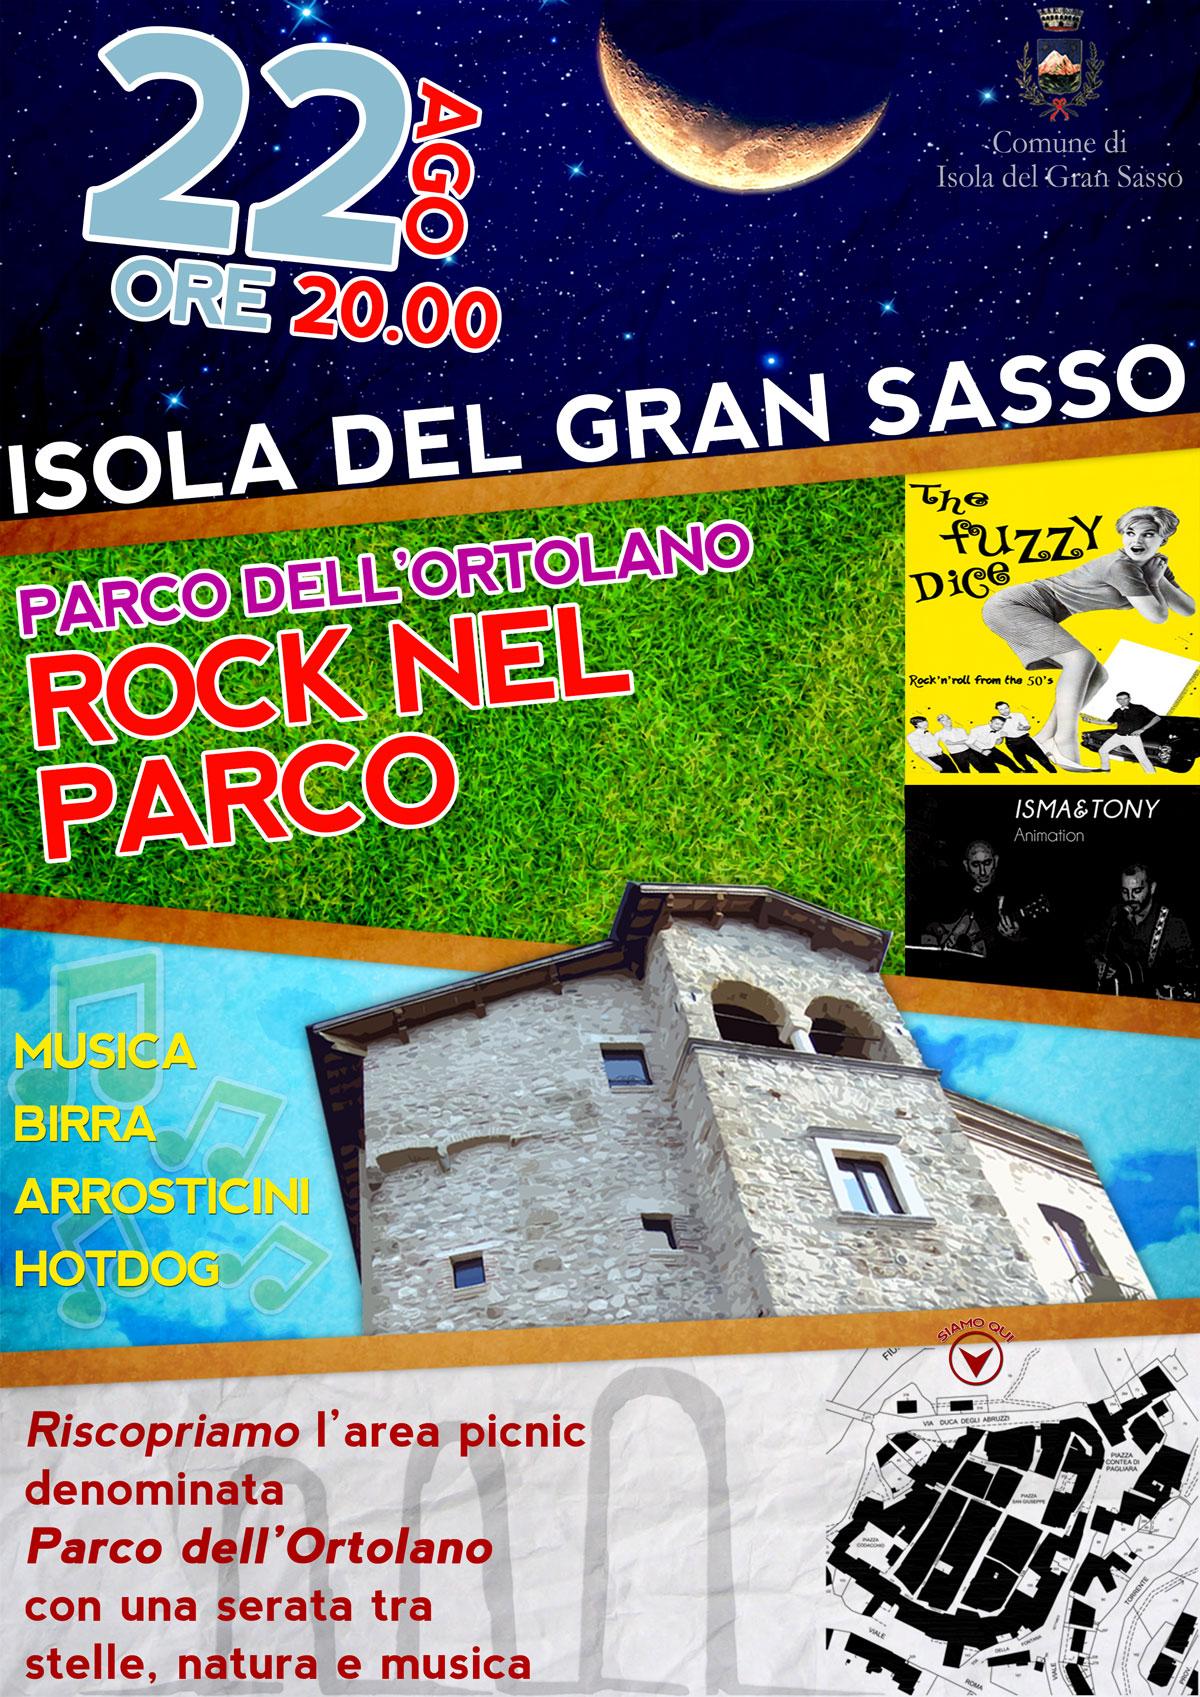 Rock nel Parco – (dell'Ortolano)